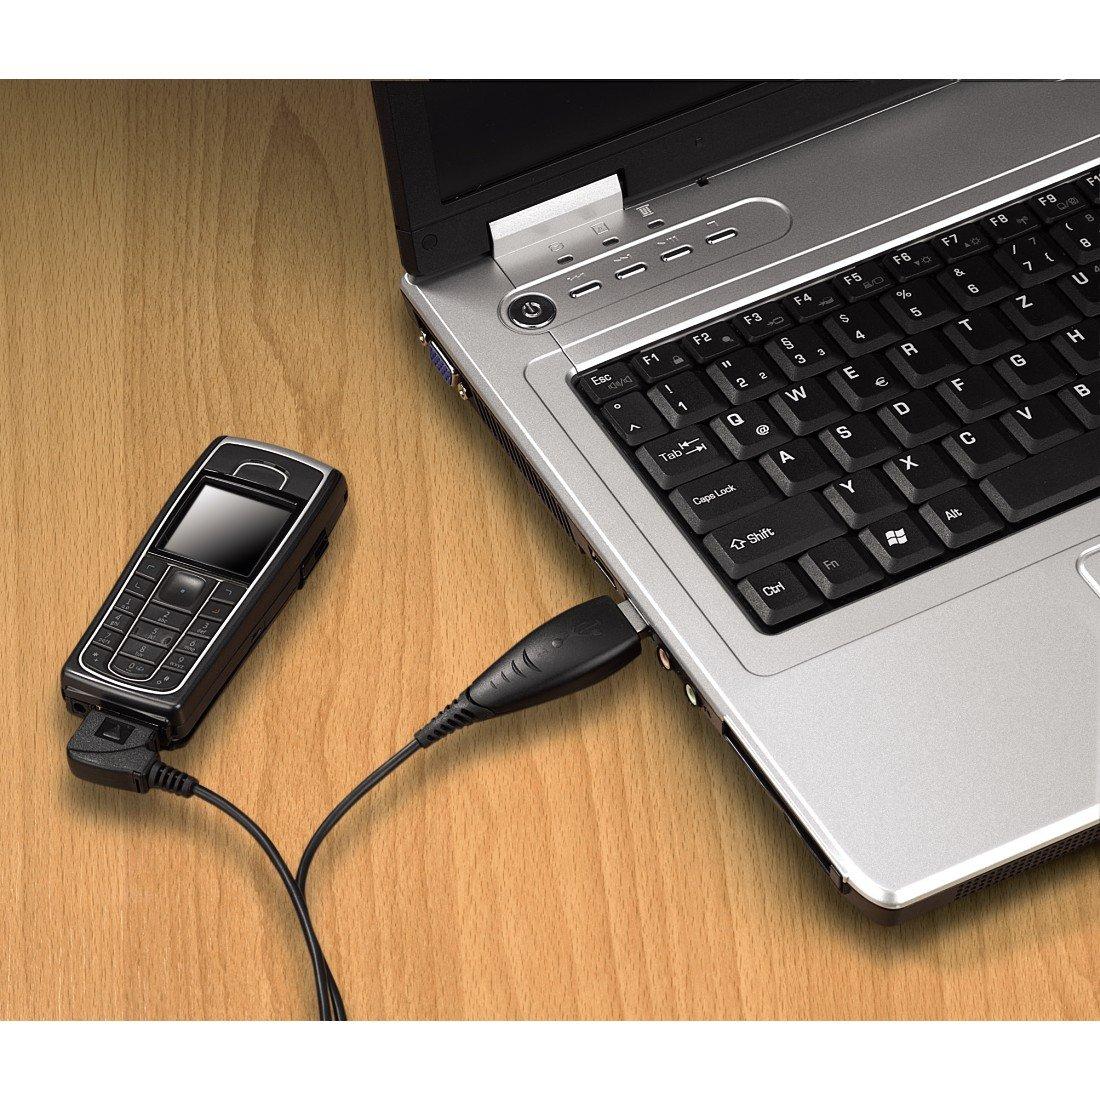 New Drivers: Nokia 6230i HAMA USB